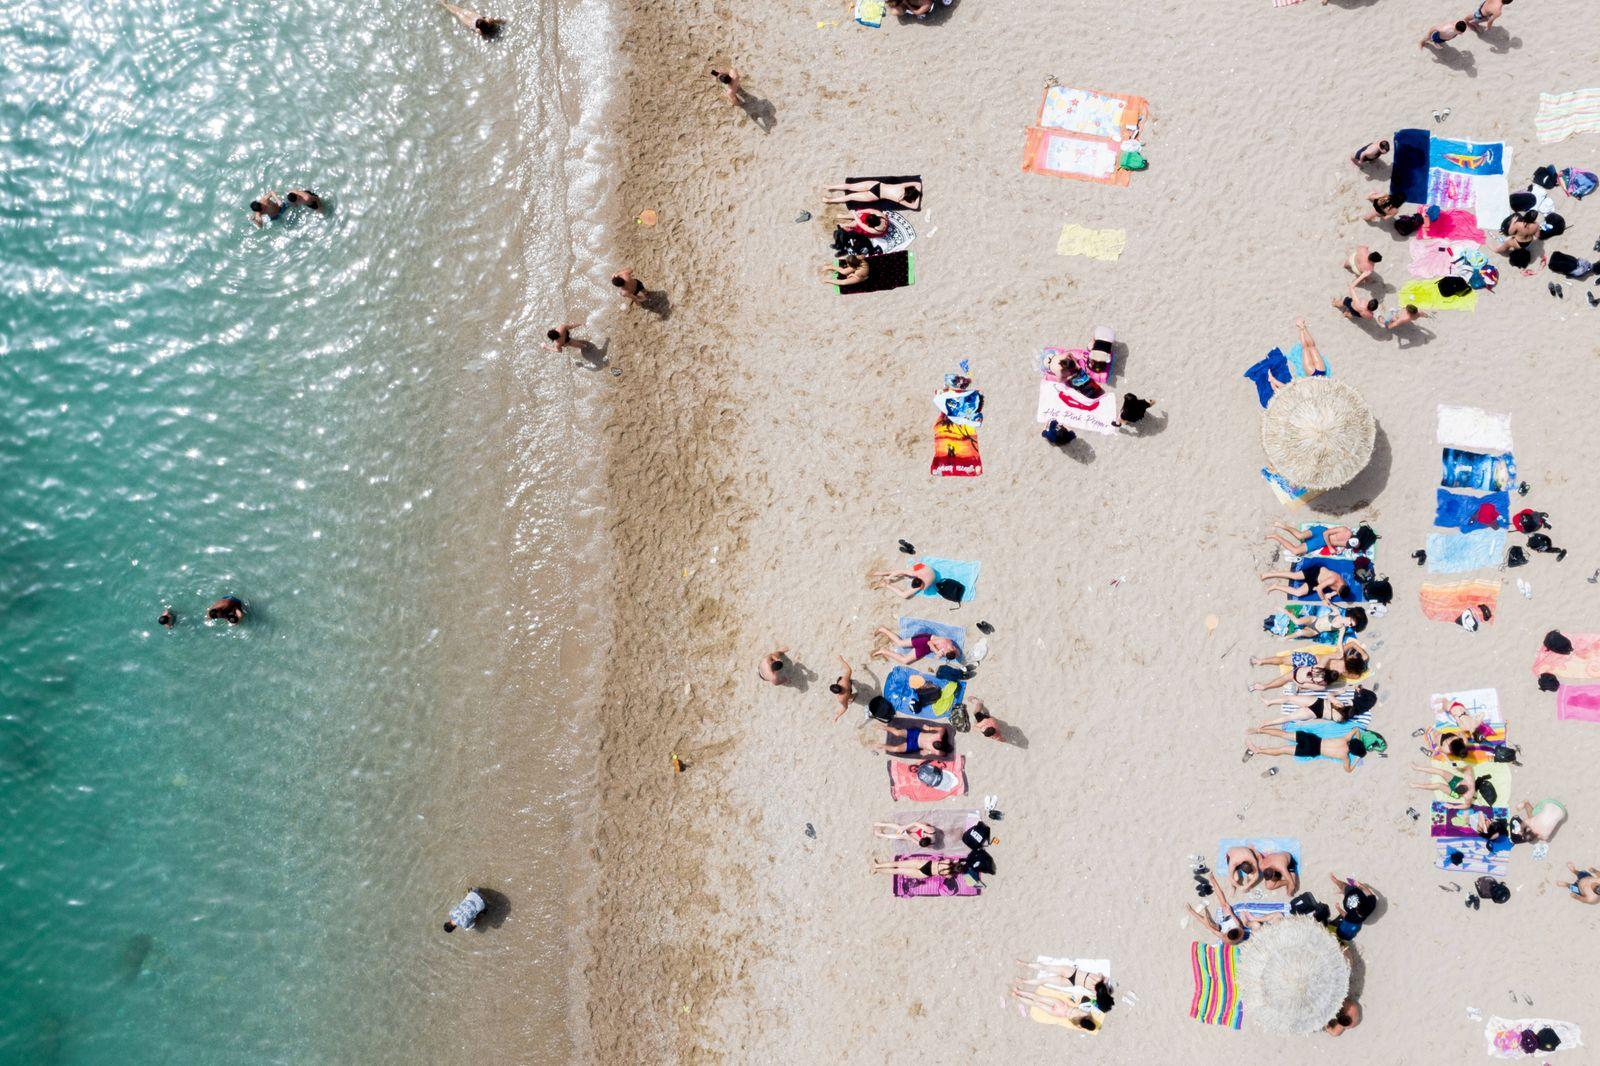 Momentaufnahme vom Strand von Glyfada bei Athen (Griechenland / Attika). Hunderte von organisierten Stränden sollen am